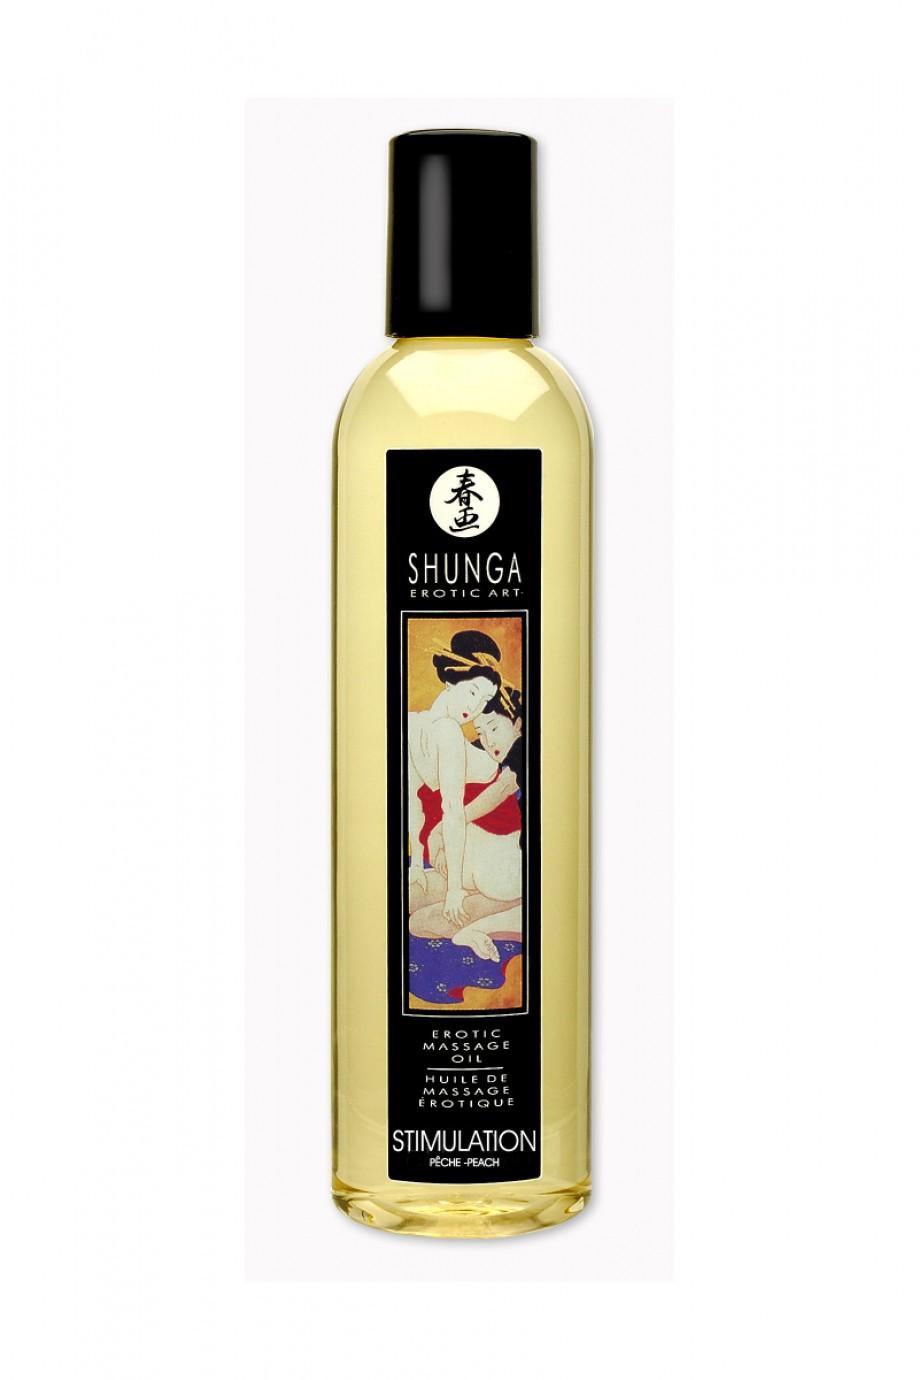 Масло для массажа Shunga Стимуляция «Персик, натуральное, возбуждающее, с ароматом персика, 250 мл